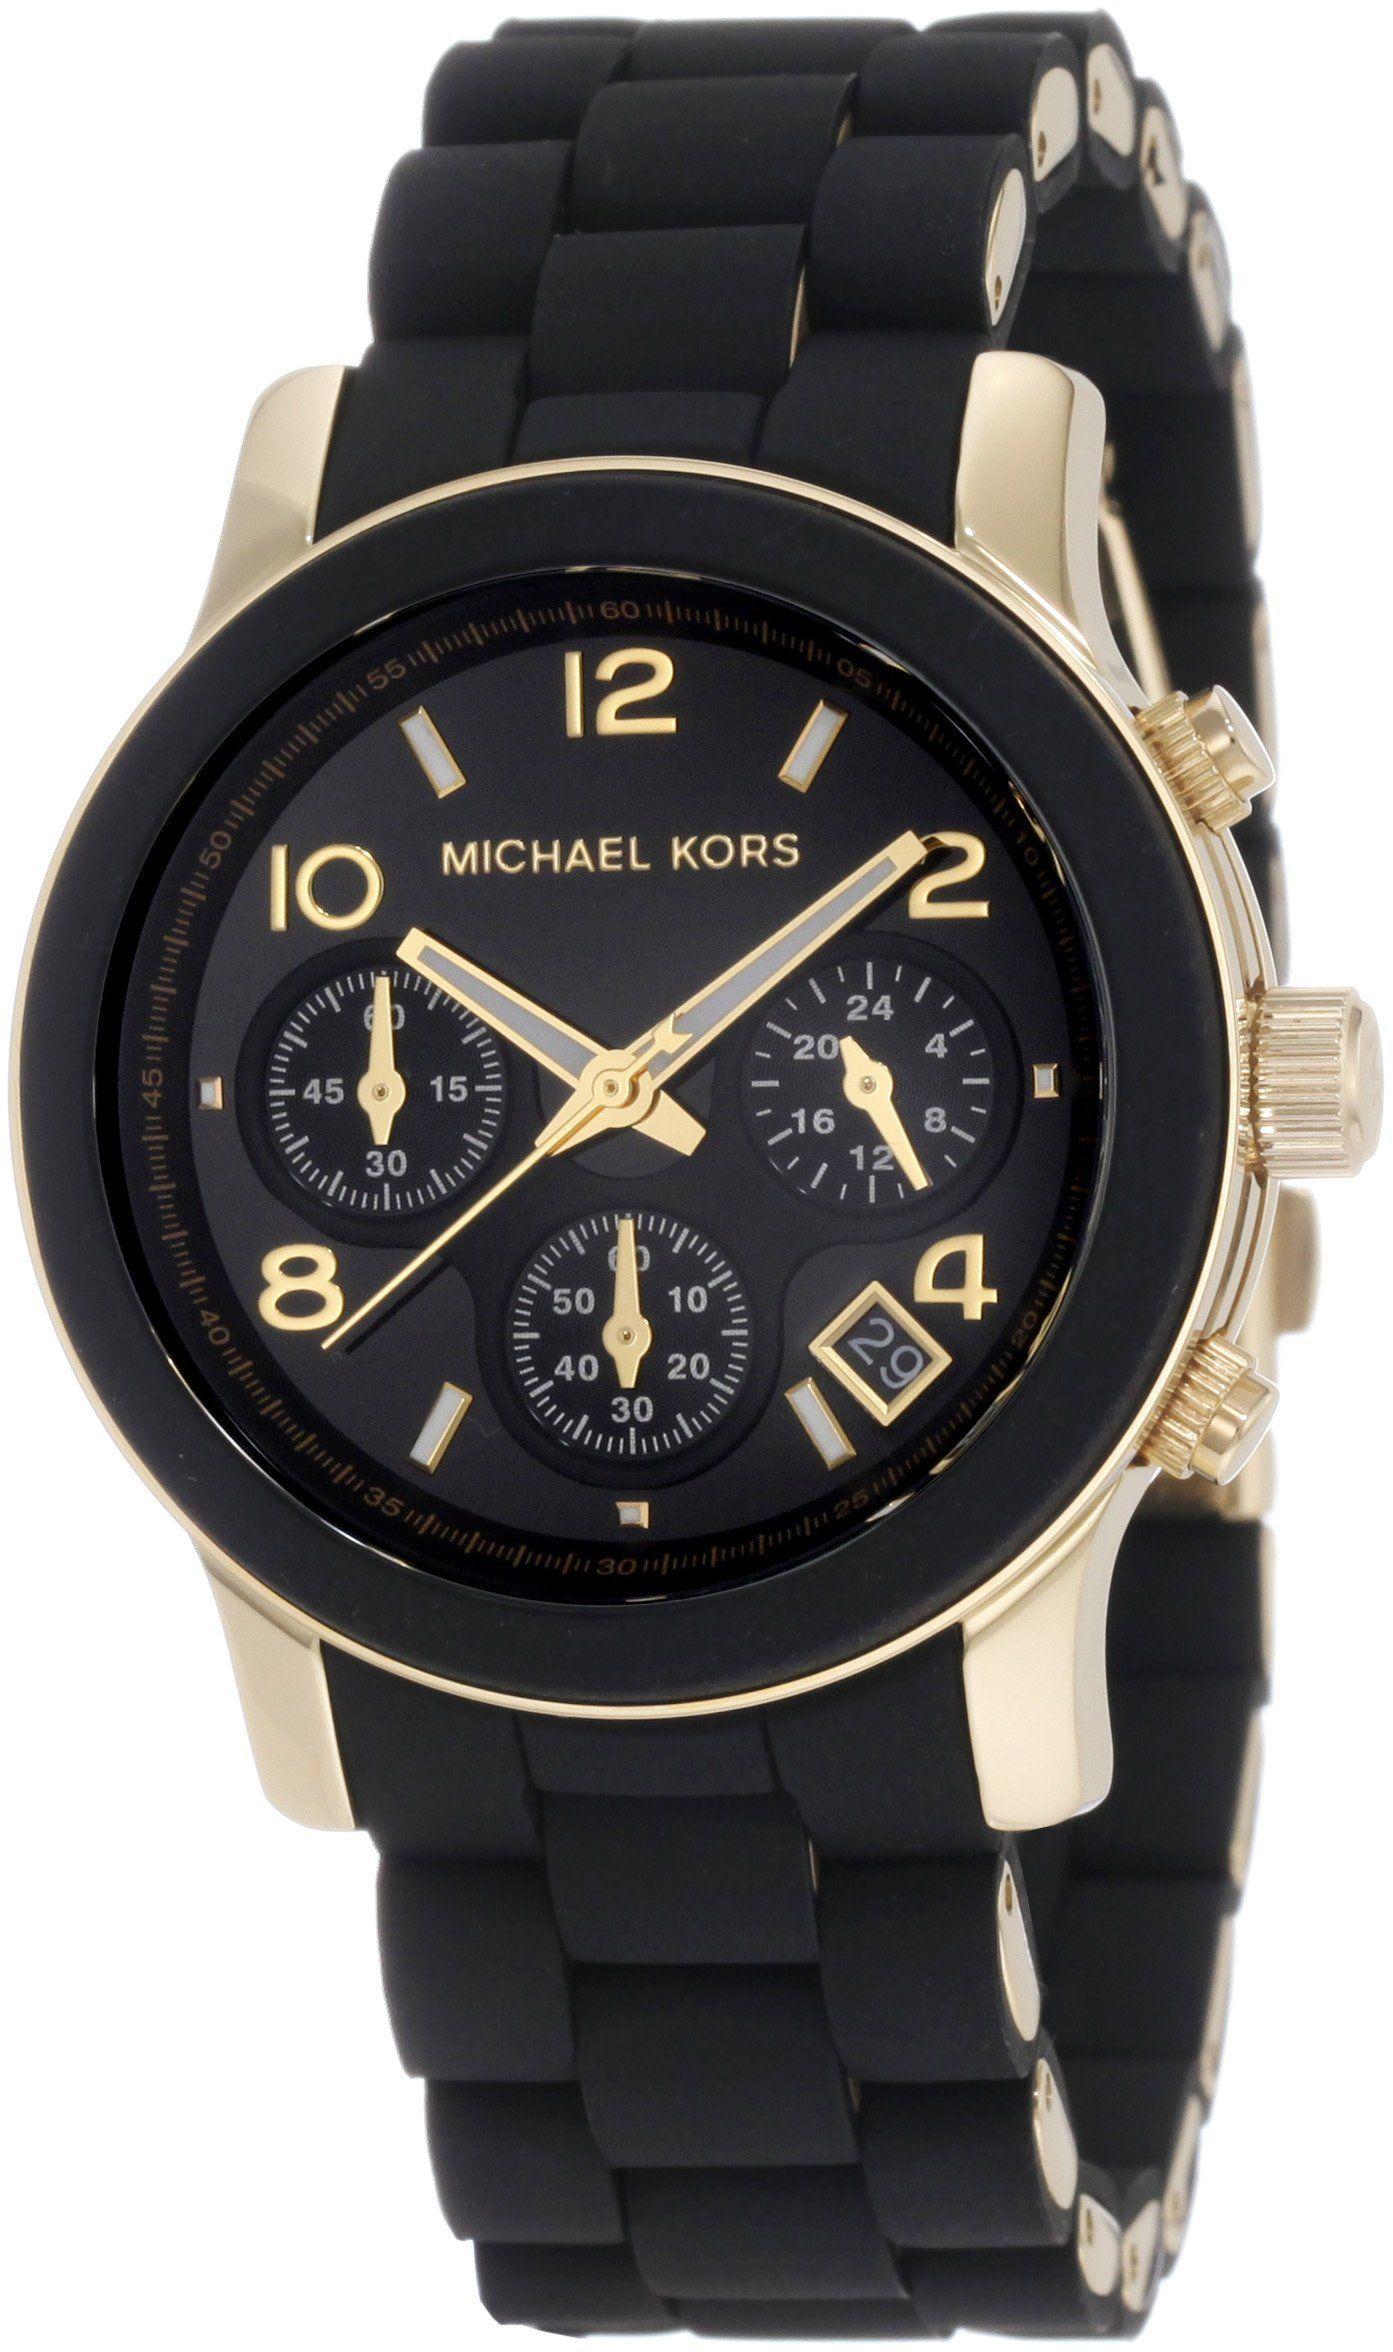 c2aedd59877a MICHAEL KORS MK5191 - Reloj analógico de cuarzo para mujer con correa de  acero inoxidable